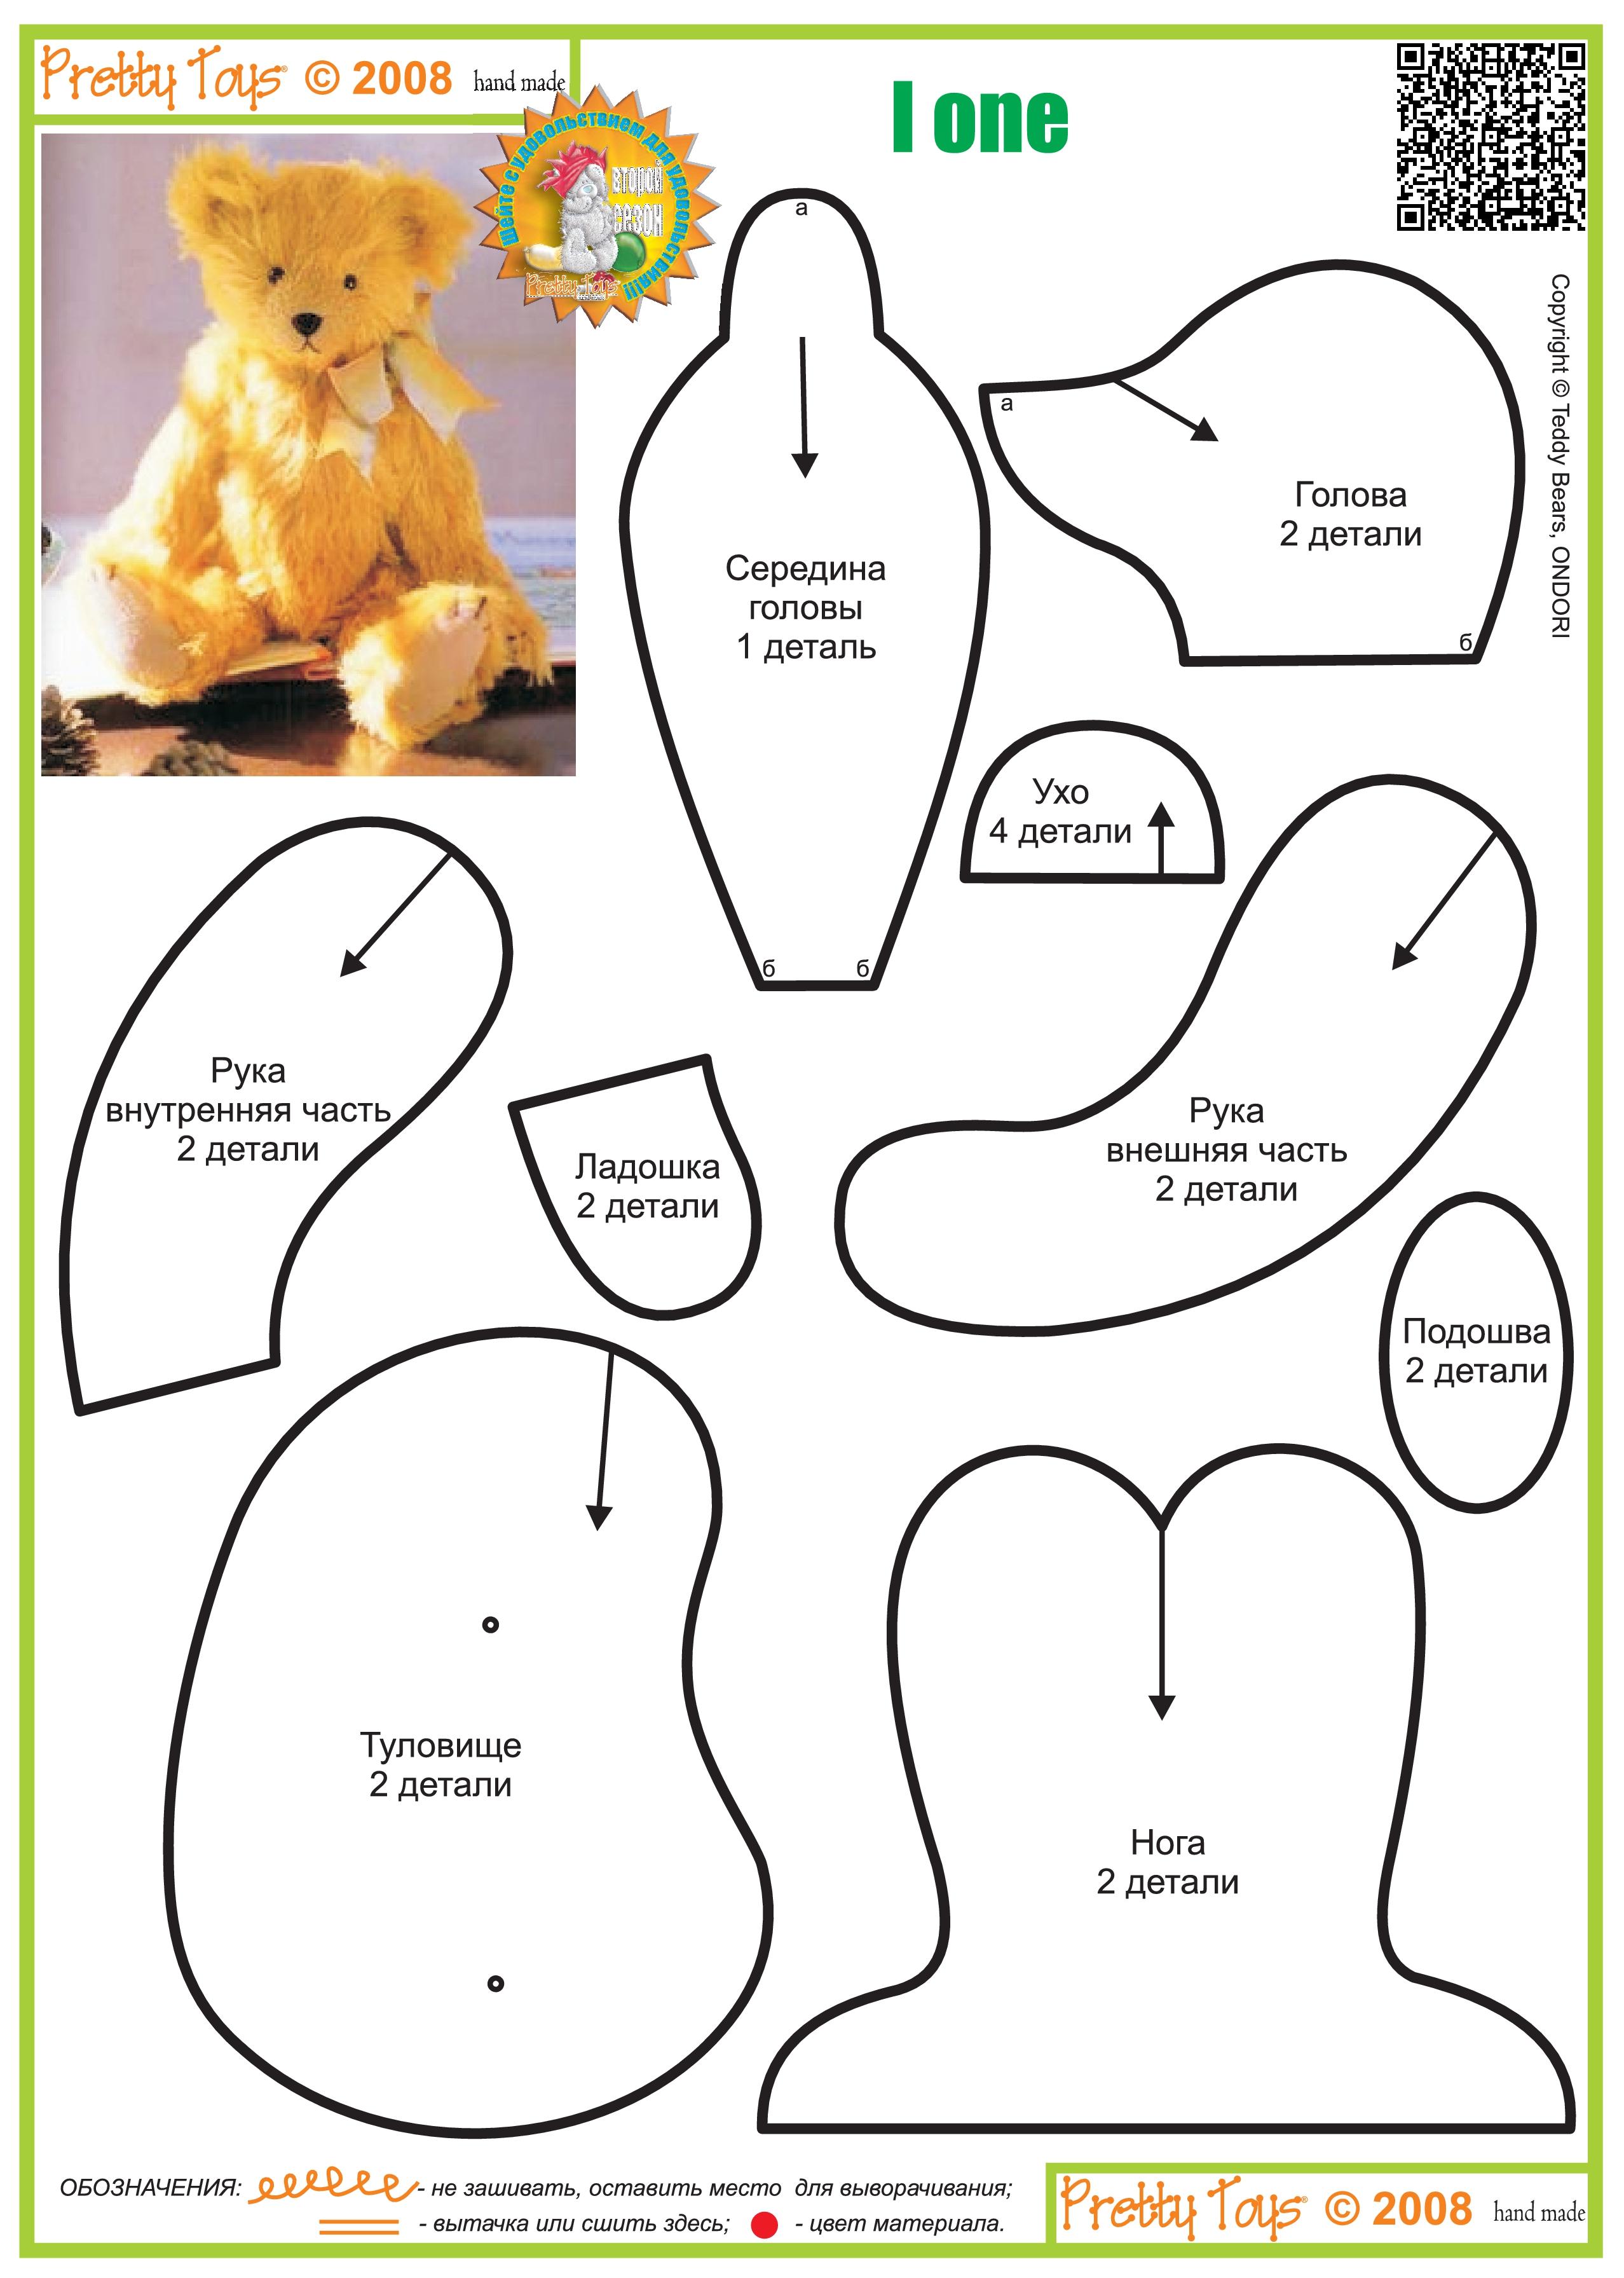 Как сделать выкройку медведя и сшить плюшевую и мягкую игрушку своими